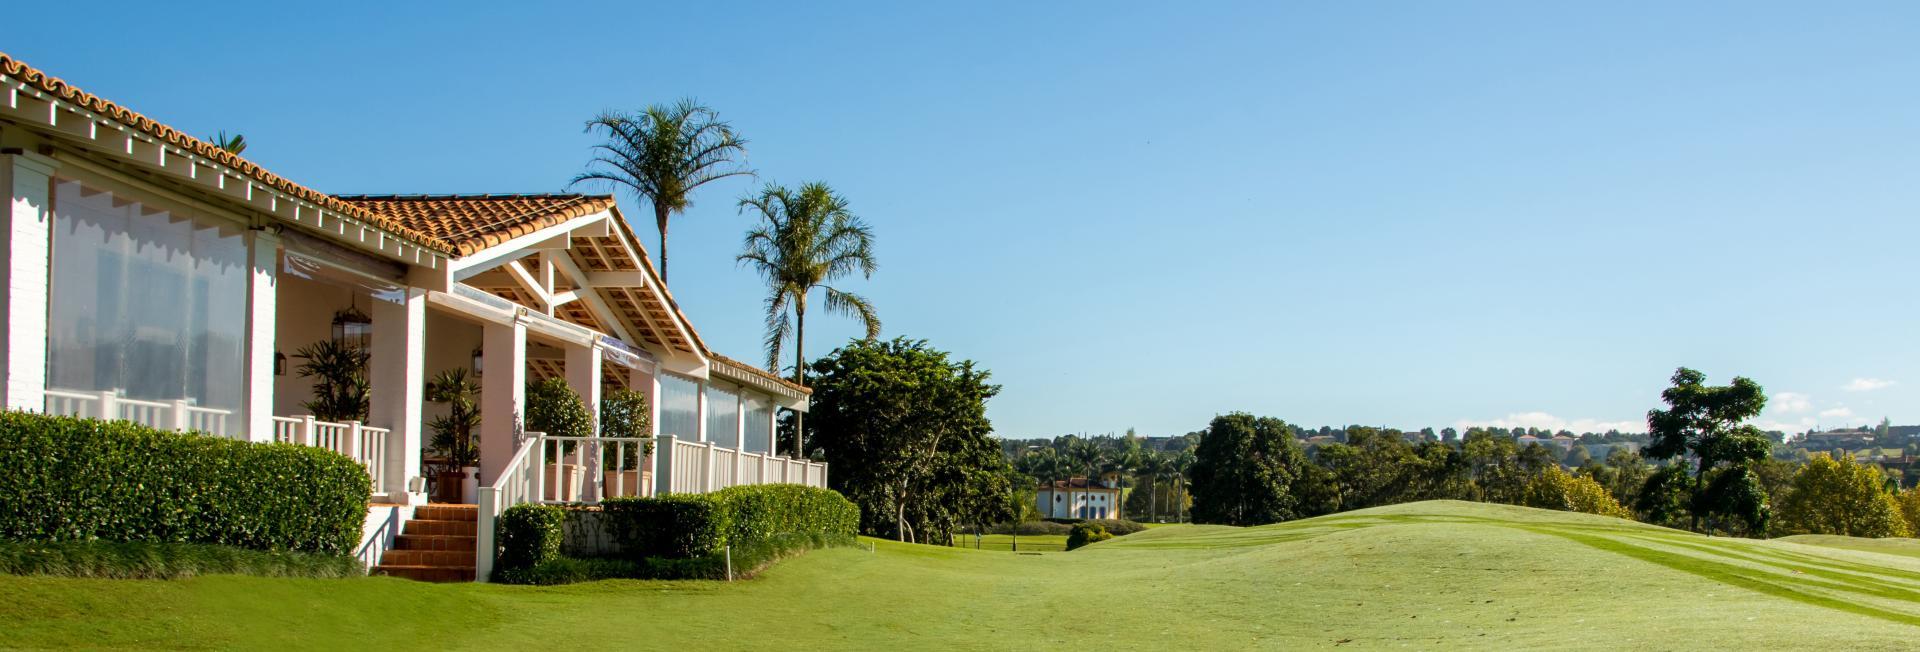 Golfe Clube